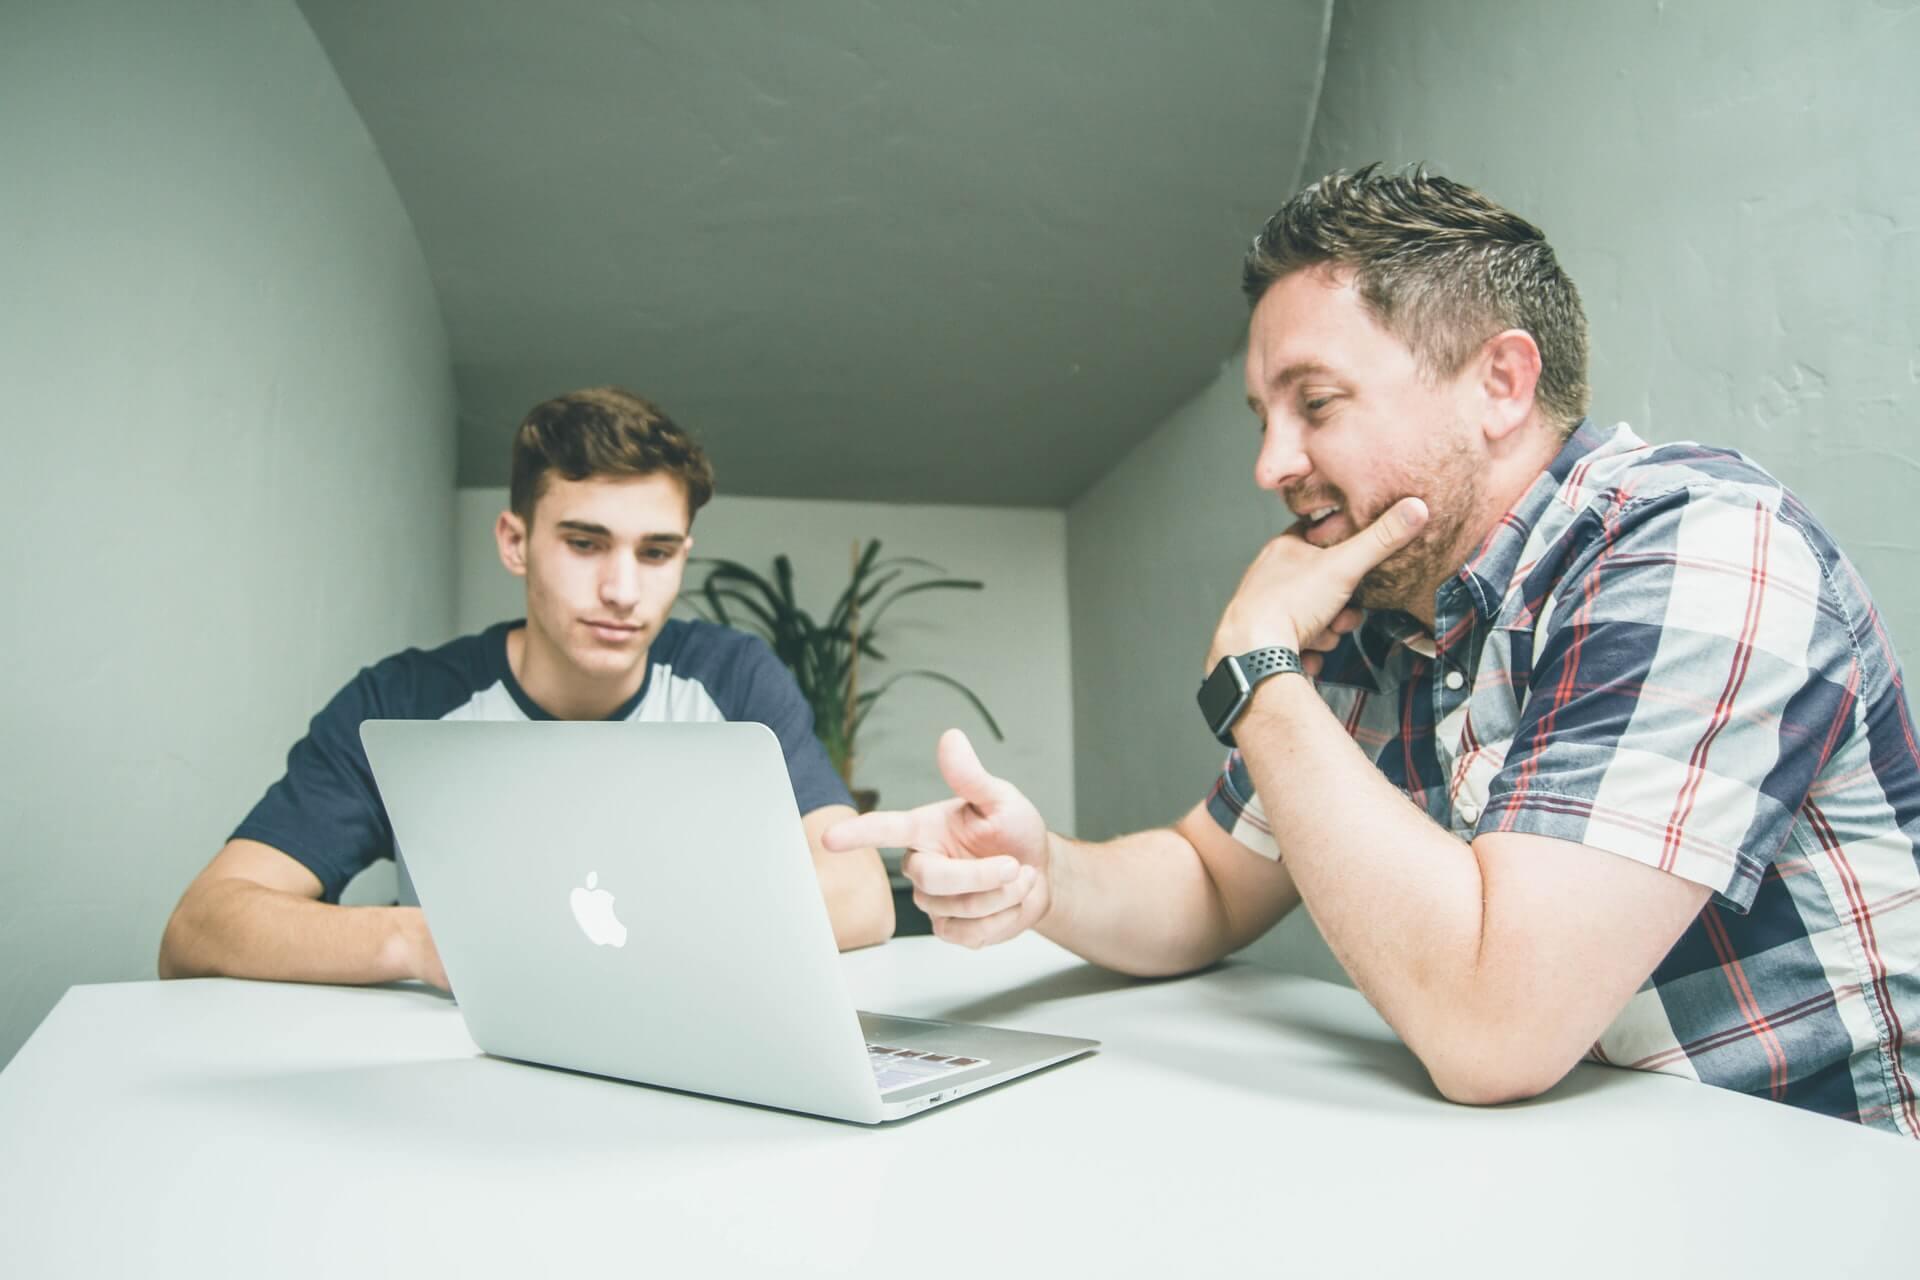 Two men talking around laptop